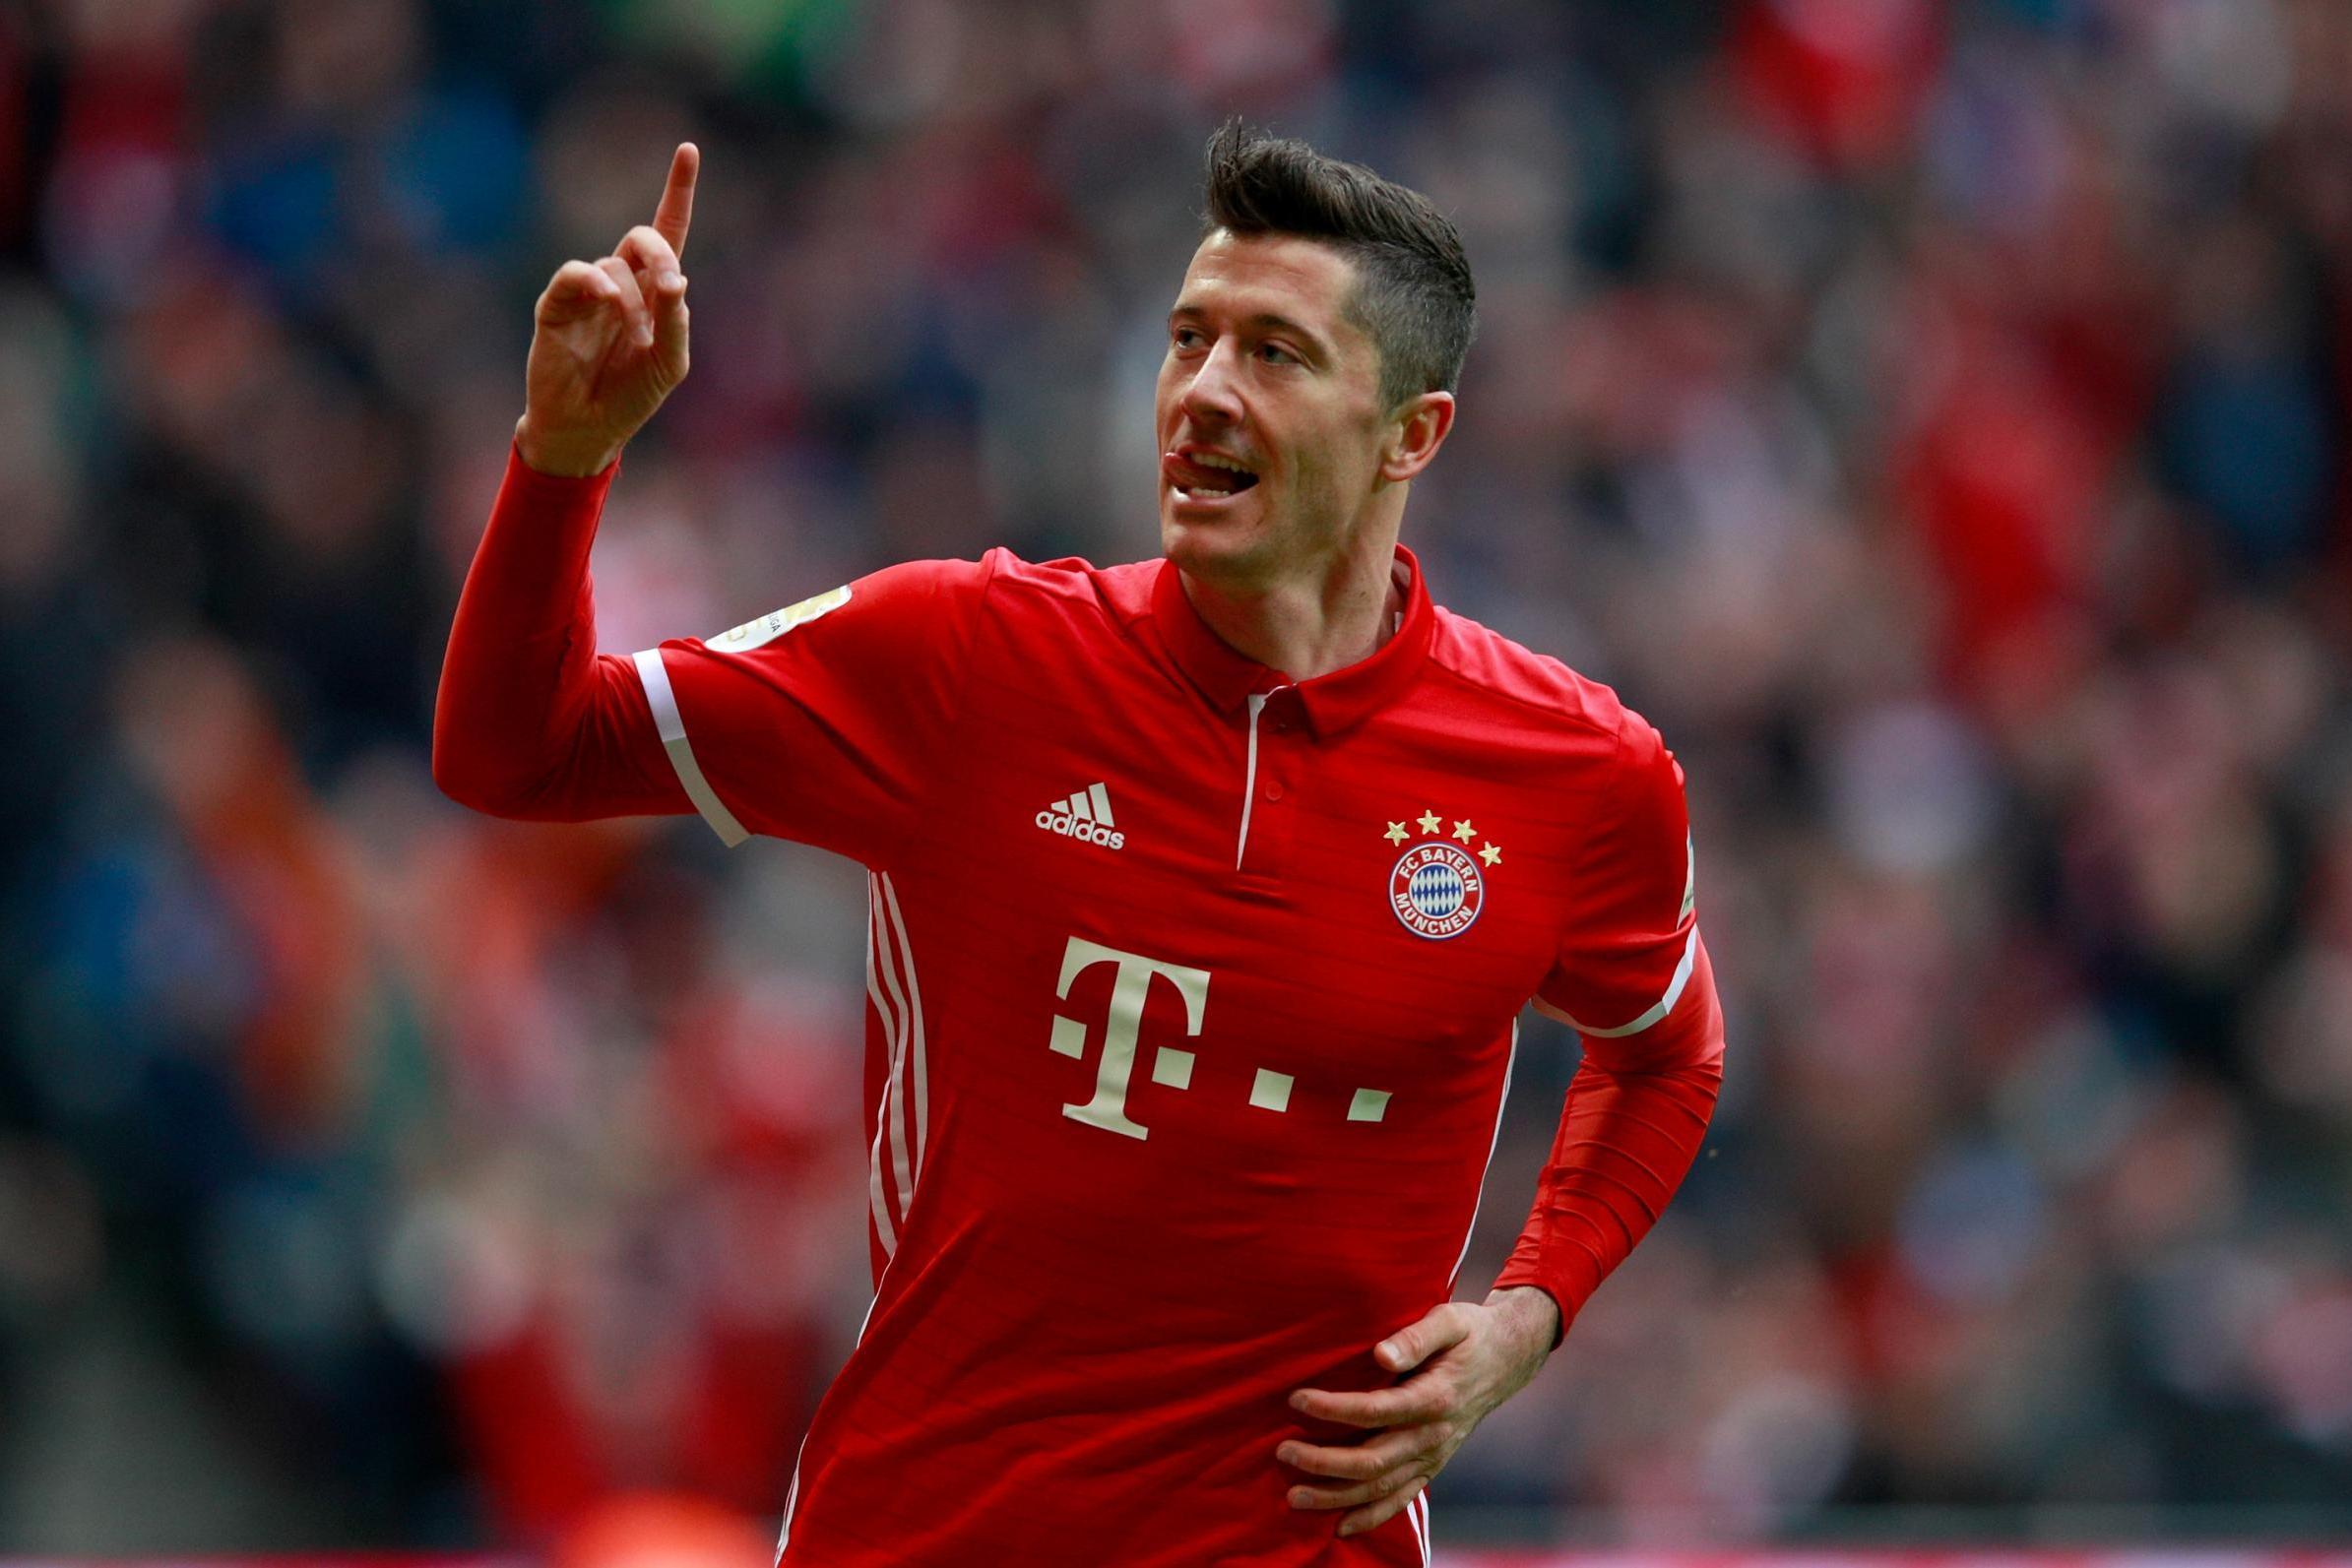 Wallpaper Arsenal Hd Bayern Munich Vs Arsenal Robert Lewandowski Will Pose